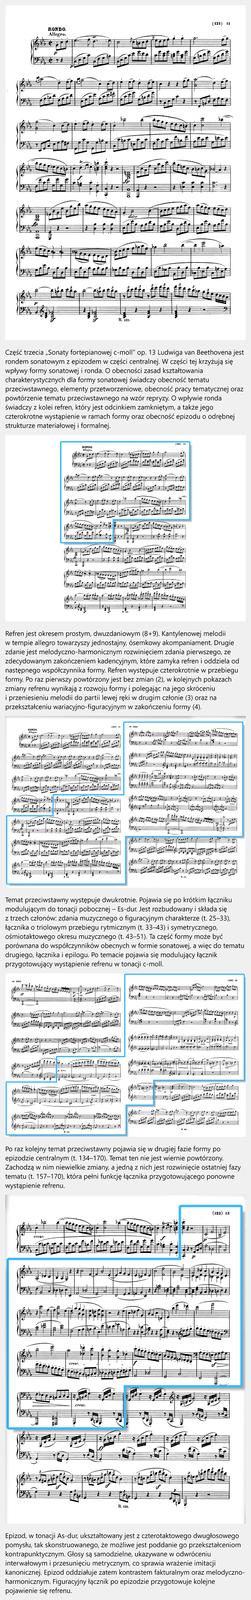 """Film edukacyjny pt. """"Sonata fortepianowa c-moll"""". Część trzecia """"Sonaty fortepianowej c-moll"""" op. 13 Ludwiga van Beethovena jest rondem sonatowym zepizodem wczęści centralnej. Wczęści tej krzyżują się wpływy formy sonatowej ironda. Oobecności zasad kształtowania charakterystycznych dla formy sonatowej świadczy obecność tematu przeciwstawnego, elementy przetworzeniowe, obecność pracy tematycznej oraz powtórzenie tematu przeciwstawnego na wzór repryzy. Owpływie ronda świadczy zkolei refren, który jest odcinkiem zamkniętym, atakże jego czterokrotne wystąpienie wramach formy oraz obecność epizodu oodrębnej strukturze materiałowej iformalnej. Refren jest okresem prostym, dwuzdaniowym (8+9). Kantylenowej melodii wtempie allegro towarzyszy jednostajny, ósemkowy akompaniament. Drugie zdanie jest melodyczno-harmonicznym rozwinięciem zdania pierwszego, ze zdecydowanym zakończeniem kadencyjnym, które zamyka refren ioddziela od następnego współczynnika formy. Refren występuje czterokrotnie wprzebiegu formy. Po raz pierwszy powtórzony jest bez zmian (2), wkolejnych pokazach zmiany refrenu wynikają zrozwoju formy ipolegając na jego skróceniu iprzeniesieniu melodii do partii lewej ręki wdrugim członie (3) oraz na przekształceniu wariacyjno-figuracyjnym wzakończeniu formy (4). Temat przeciwstawny występuje dwukrotnie. Pojawia się po krótkim łączniku modulującym do tonacji pobocznej – Es-dur. Jest rozbudowany iskłada się ztrzech członów: zdania muzycznego ofiguracyjnym charakterze (t. 25–33), łącznika otriolowym przebiegu rytmicznym (t. 33–43) isymetrycznego, ośmiotaktowego okresu muzycznego (t. 43–51). Ta część formy może być porównana do współczynników obecnych wformie sonatowej, awięc do tematu drugiego, łącznika iepilogu. Po temacie pojawia się modulujący łącznik przygotowujący wystąpienie refrenu wtonacji c-moll. Po raz kolejny temat przeciwstawny pojawia się wdrugiej fazie formy po epizodzie centralnym (t. 134–170). Temat ten nie jest wiernie powtórzony. Zachodzą wnim niewielk"""